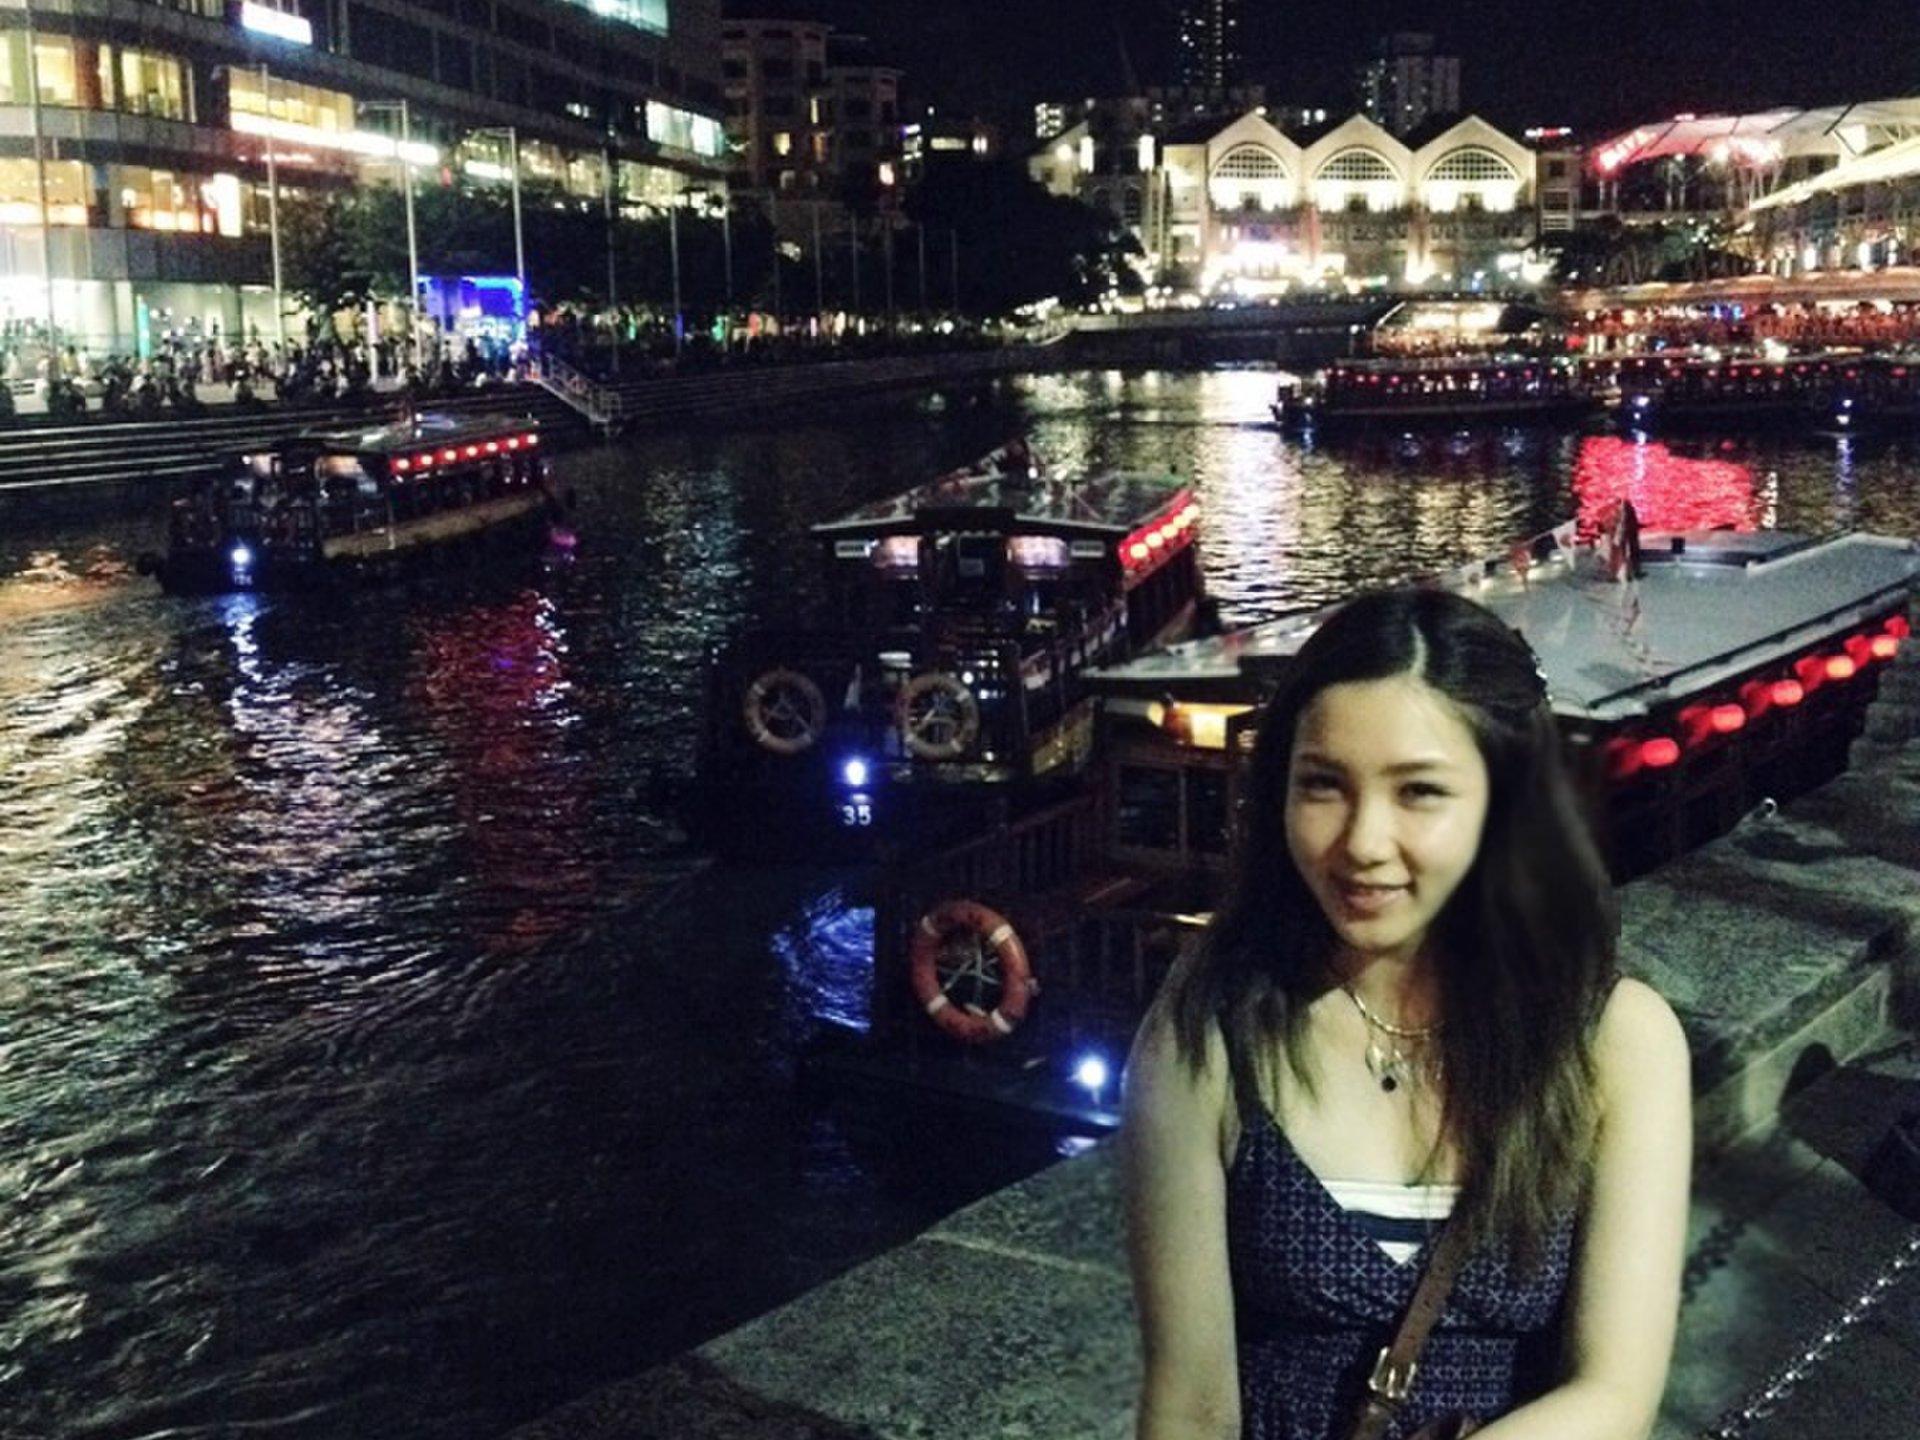 【シンガポール】1日デートプラン恋人と❤︎ナイトライフも楽しみたいなら《クラークキー》エリアがお勧め